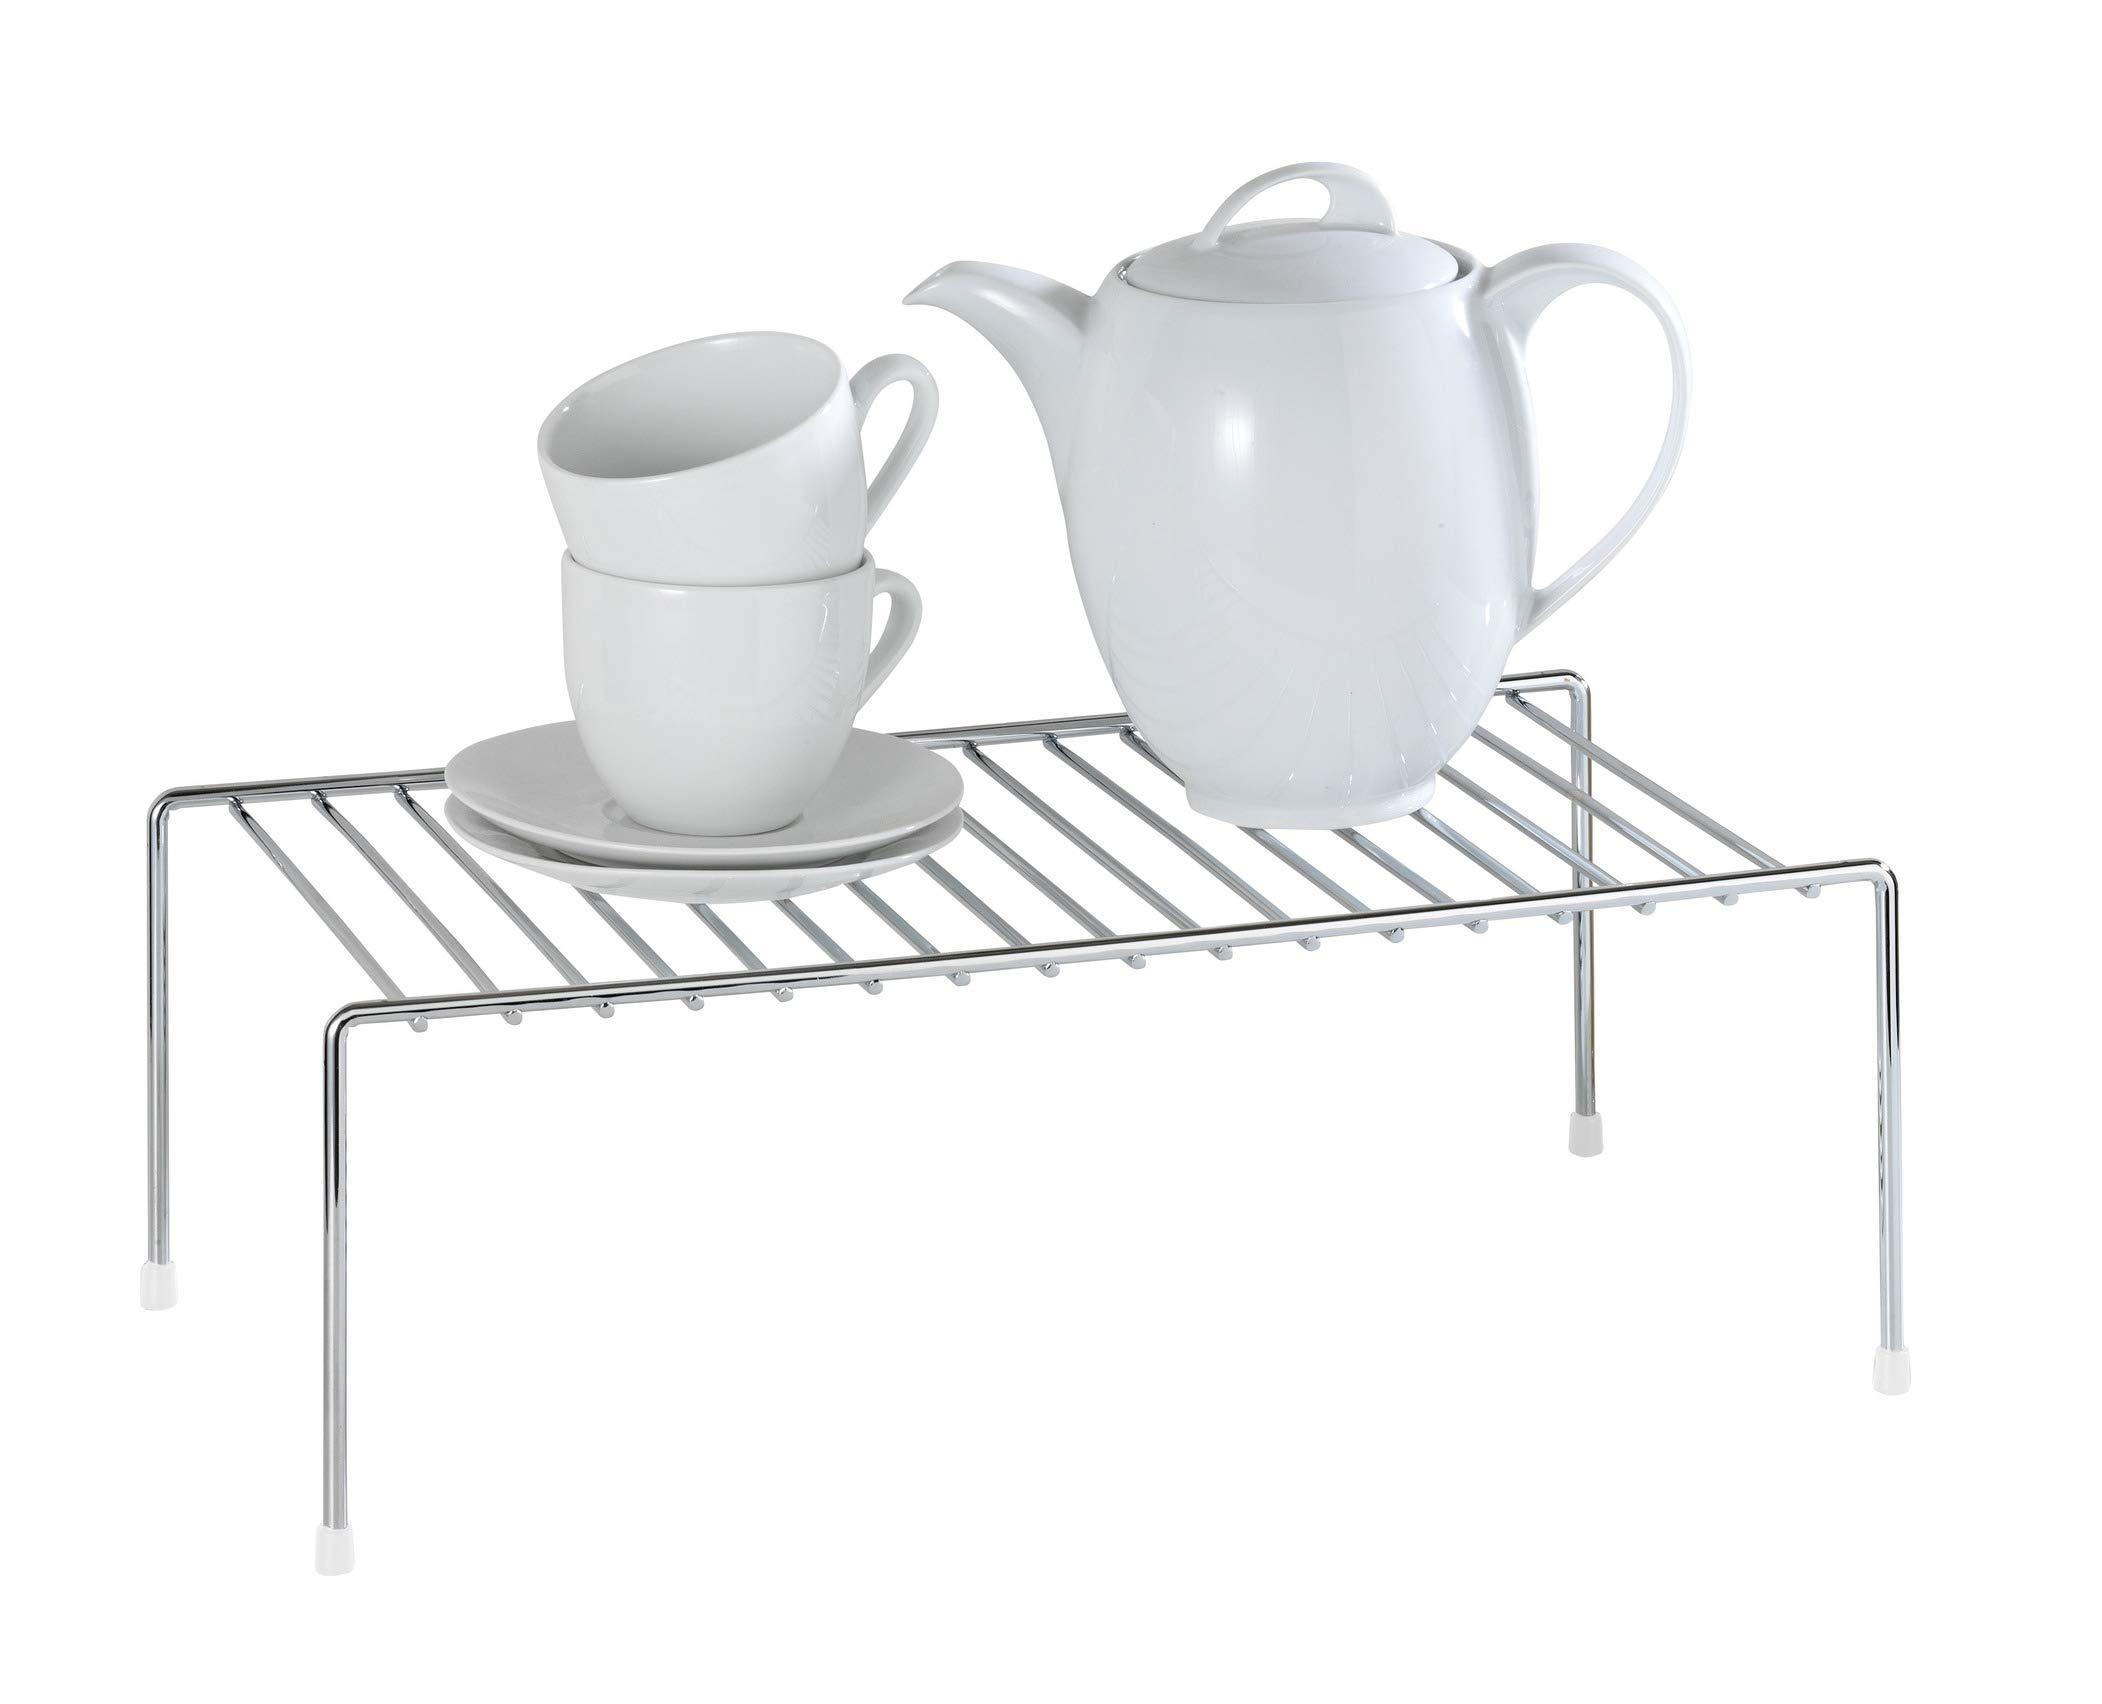 WENKO 2342100 Estante de cocina para vajilla, Metal cromado, 42.5 x 15 x 22